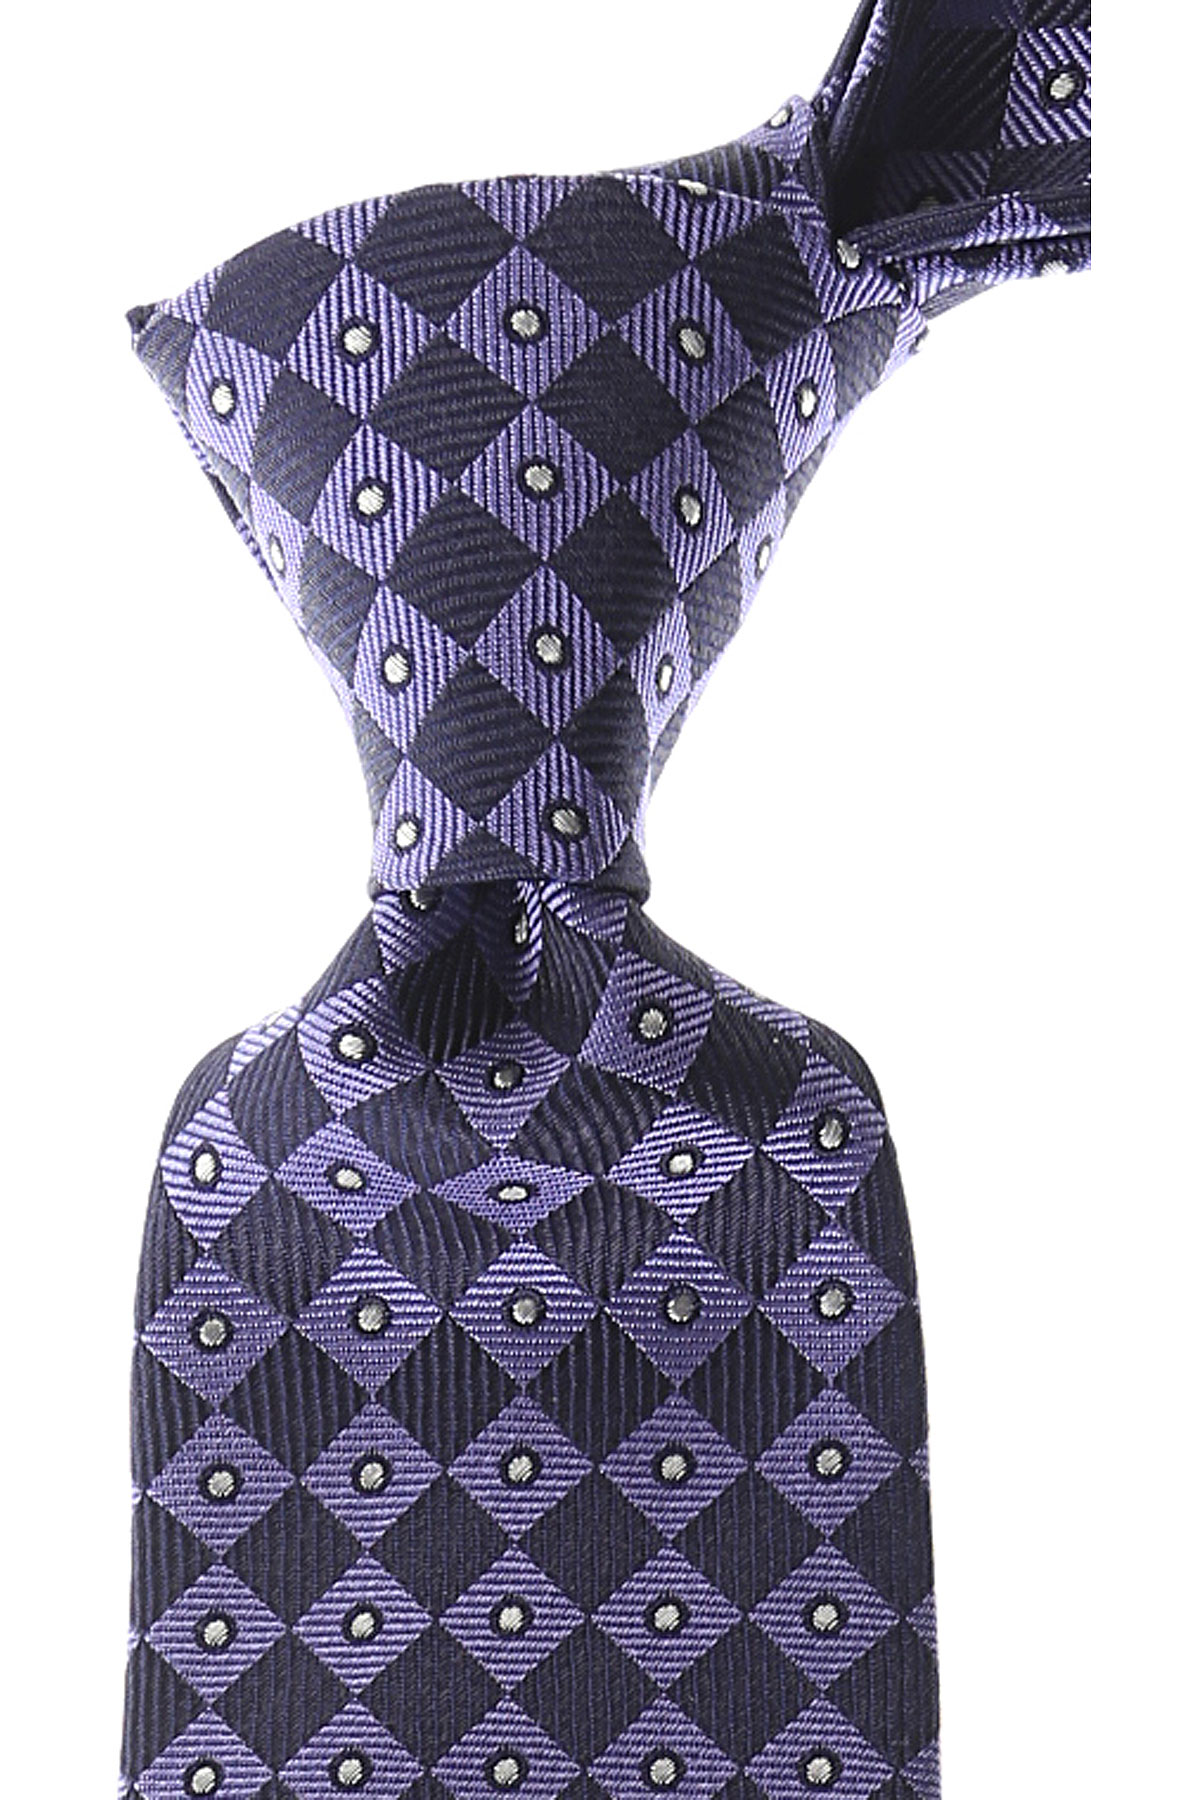 Gianni_Versace_Ties_On_Sale_Blue_Violet_Silk_2019